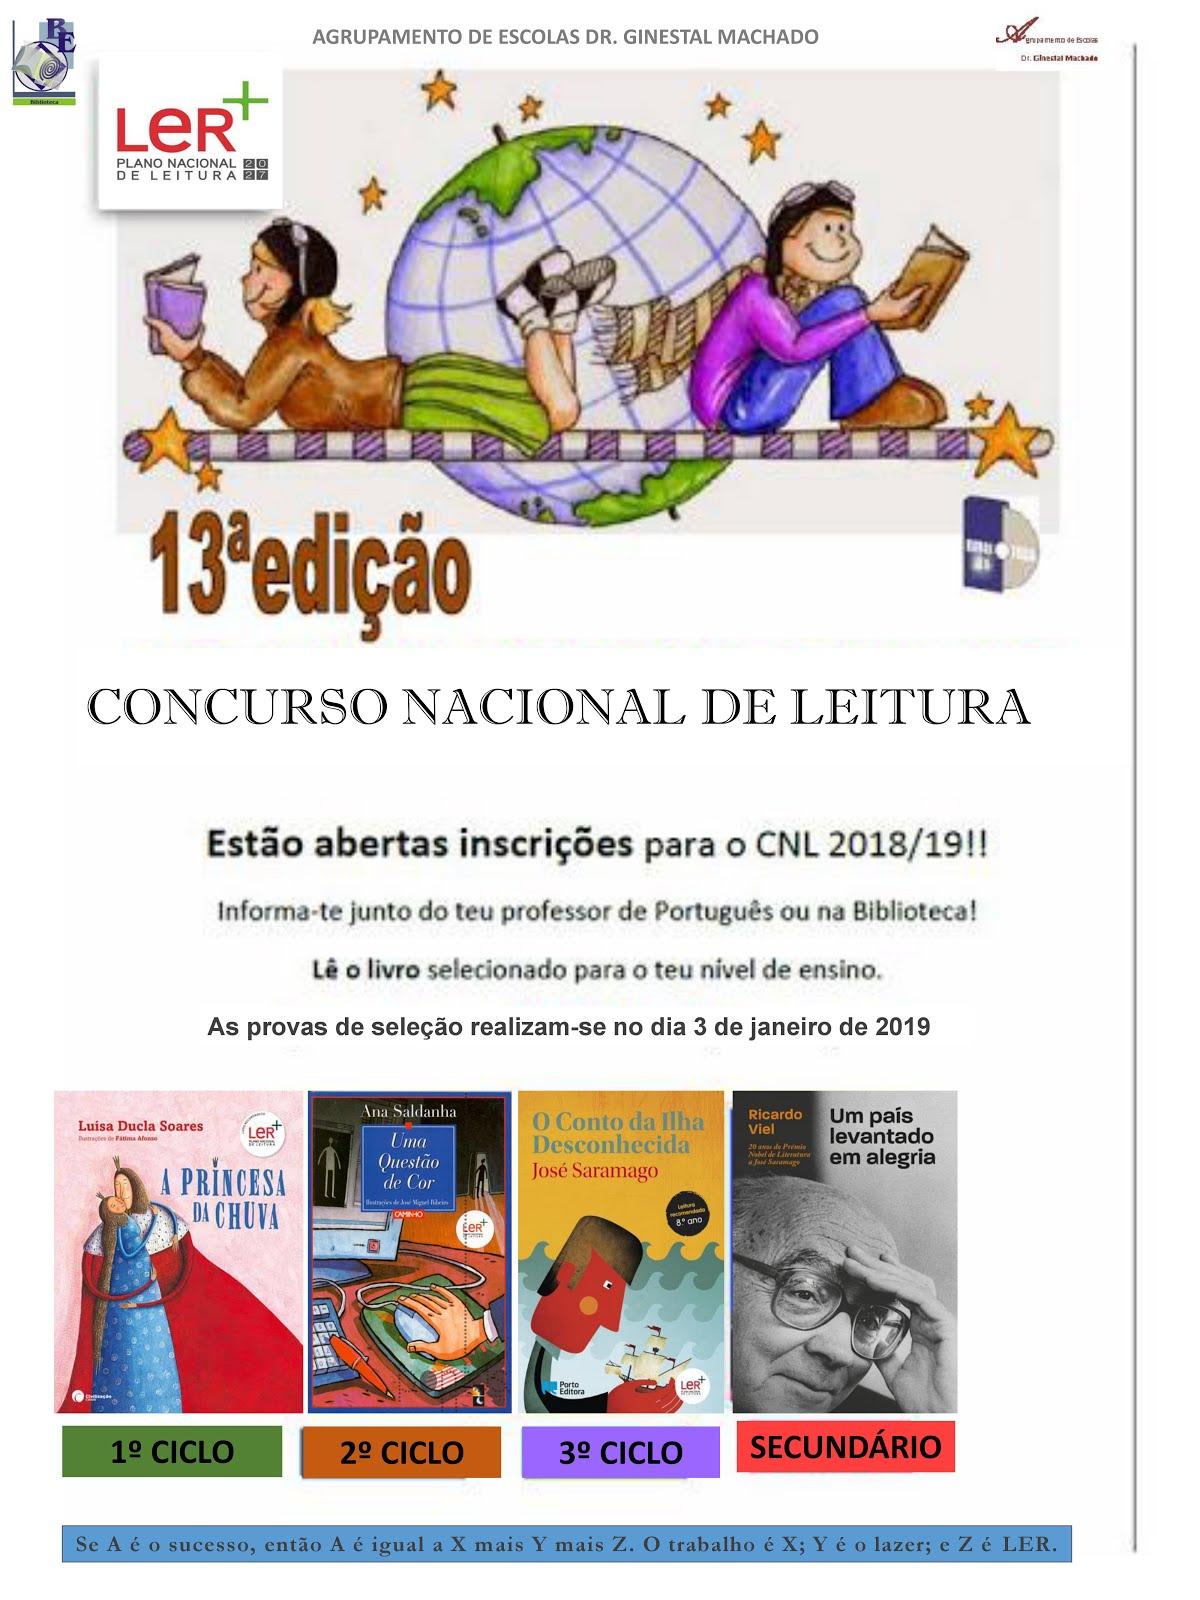 Concurso Nacional de Leitura 2018/2019